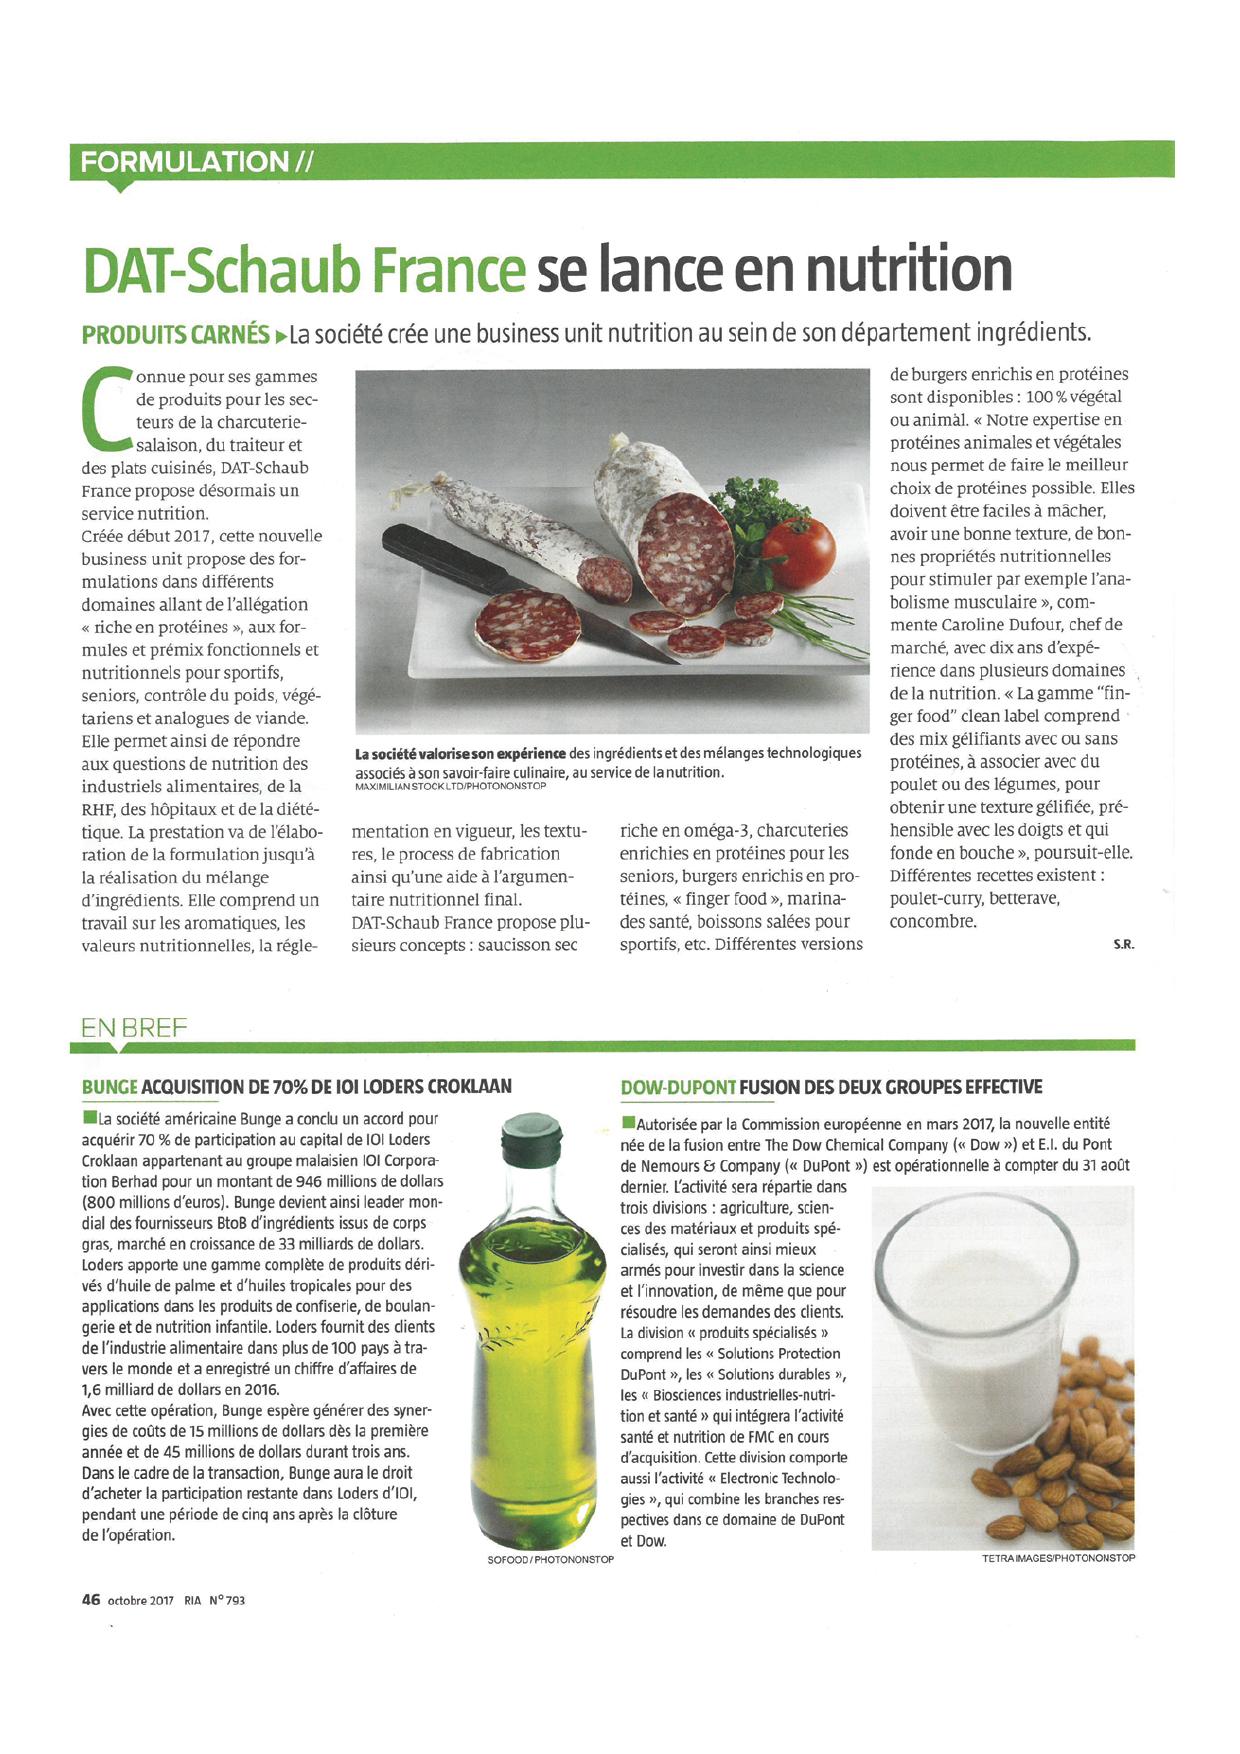 Article - DAT-Schaub France se lance en nutrition - dans RIA N┬░ 793 - Octobre 2017